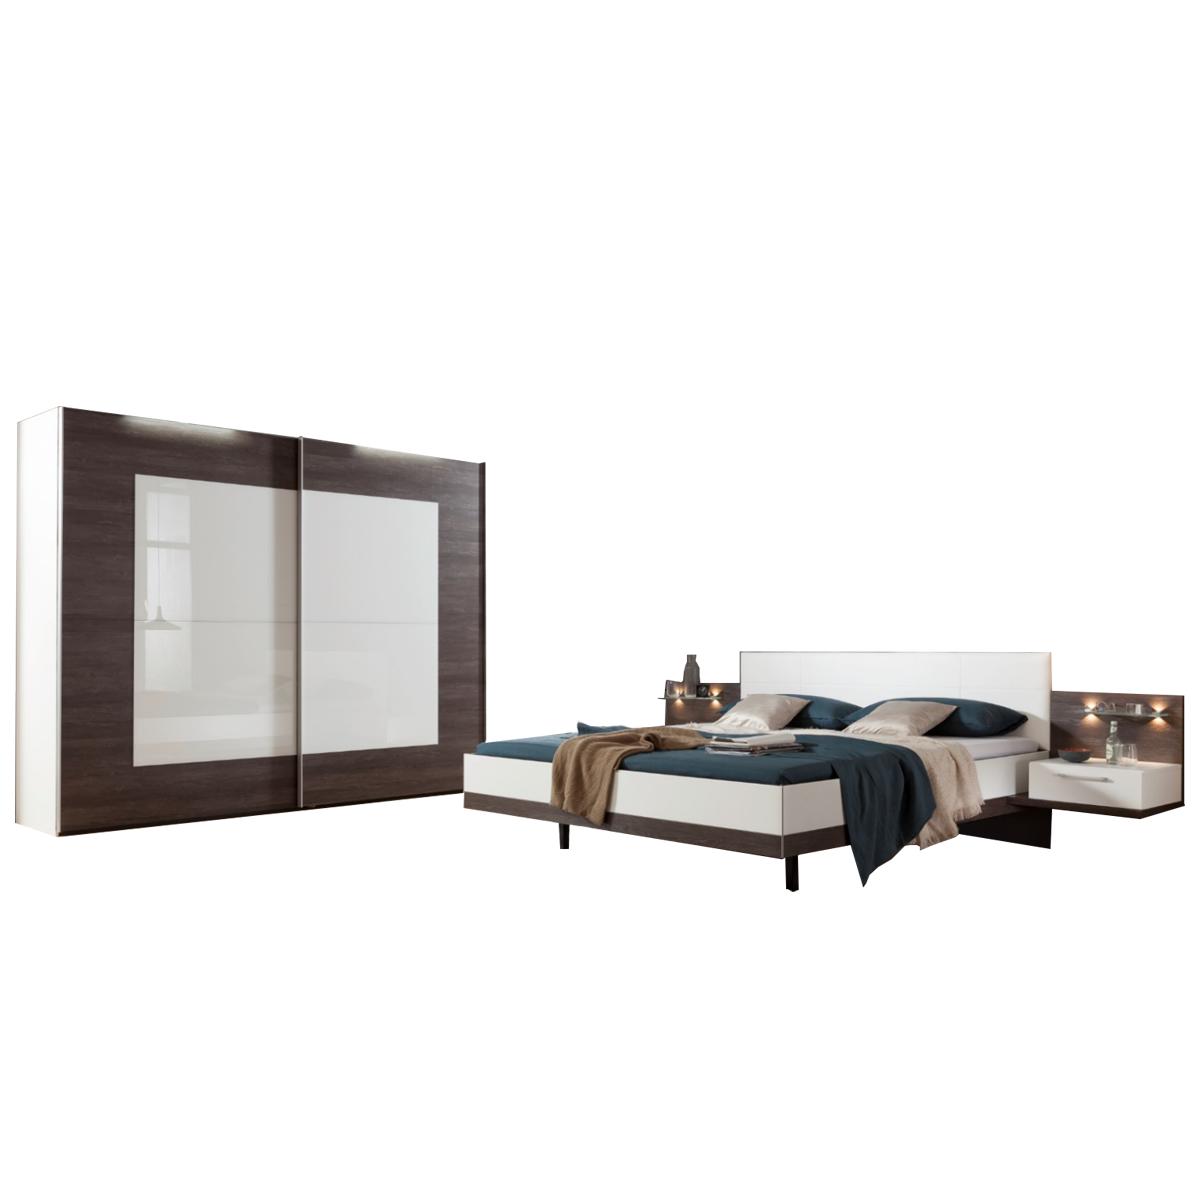 Nolte Möbel Novara Schlafzimmer 4-teilig bestehend aus ...